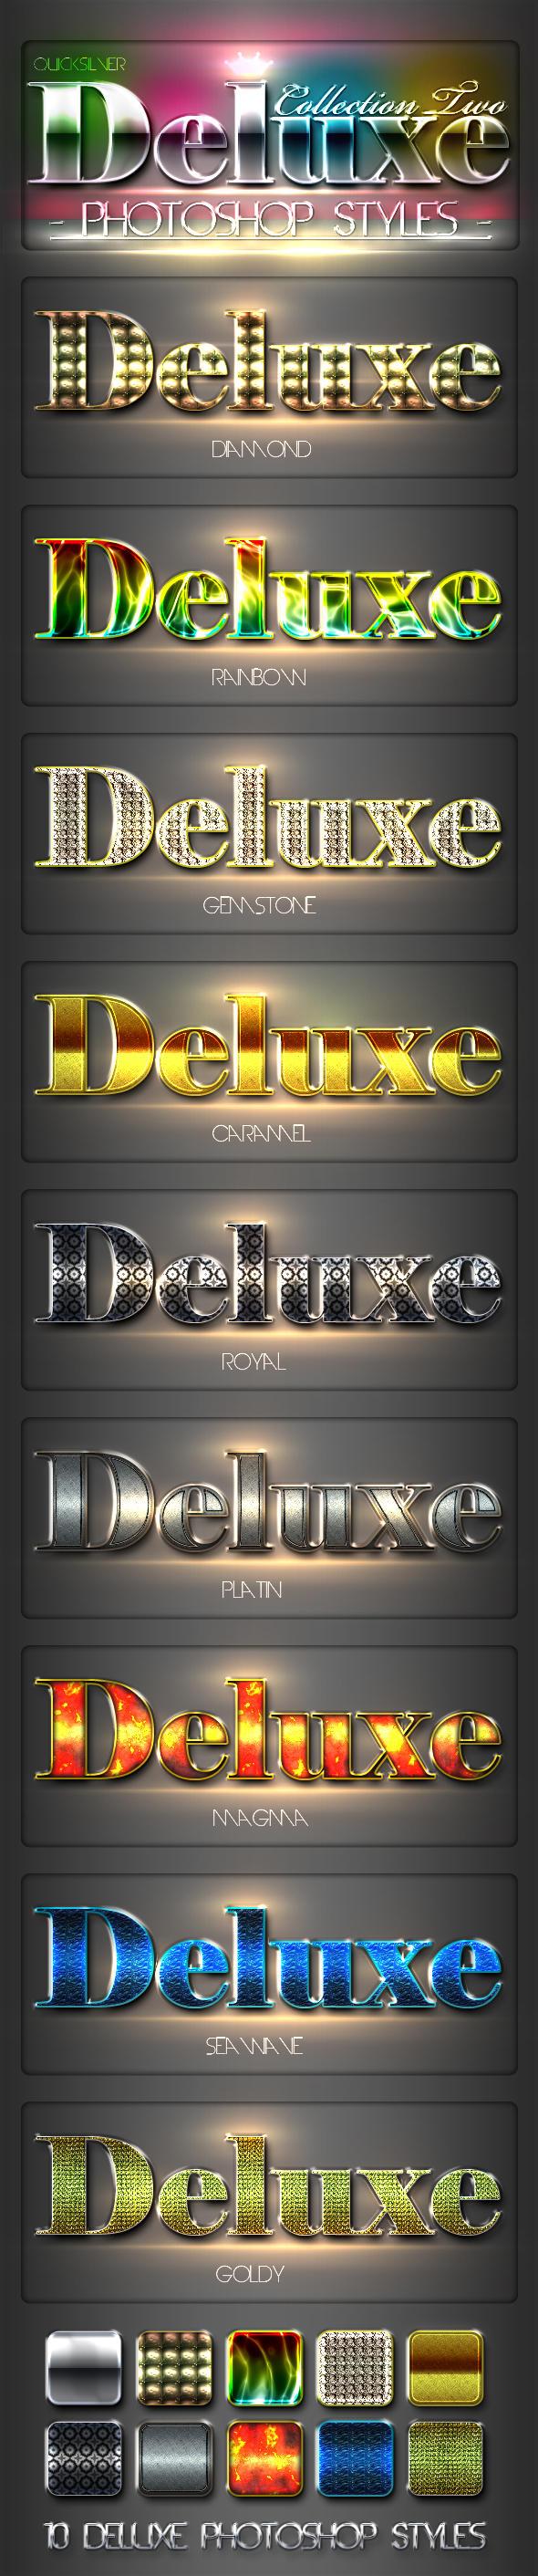 10 DeLuxe Photoshop Layer Styles FREE ASL FILE by MuzikizumWeb